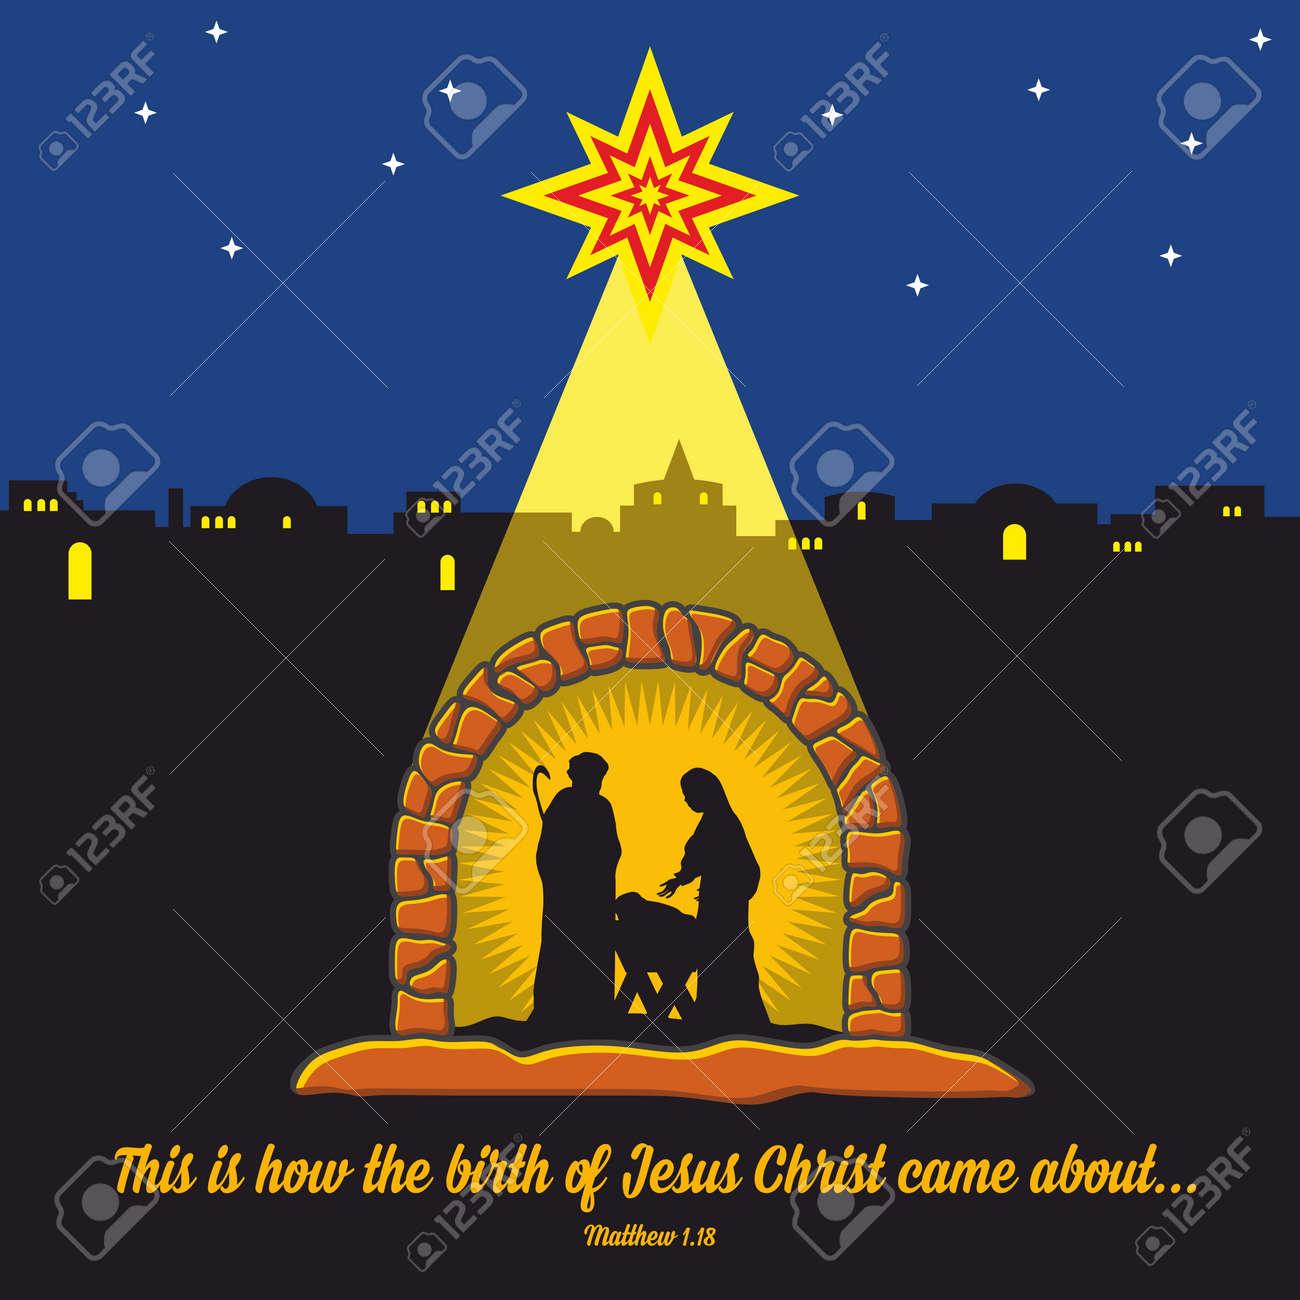 Immagini Nativita Natale.Scena Della Nativita Natale Betlemme Maria Giuseppe E Gesu Piccola